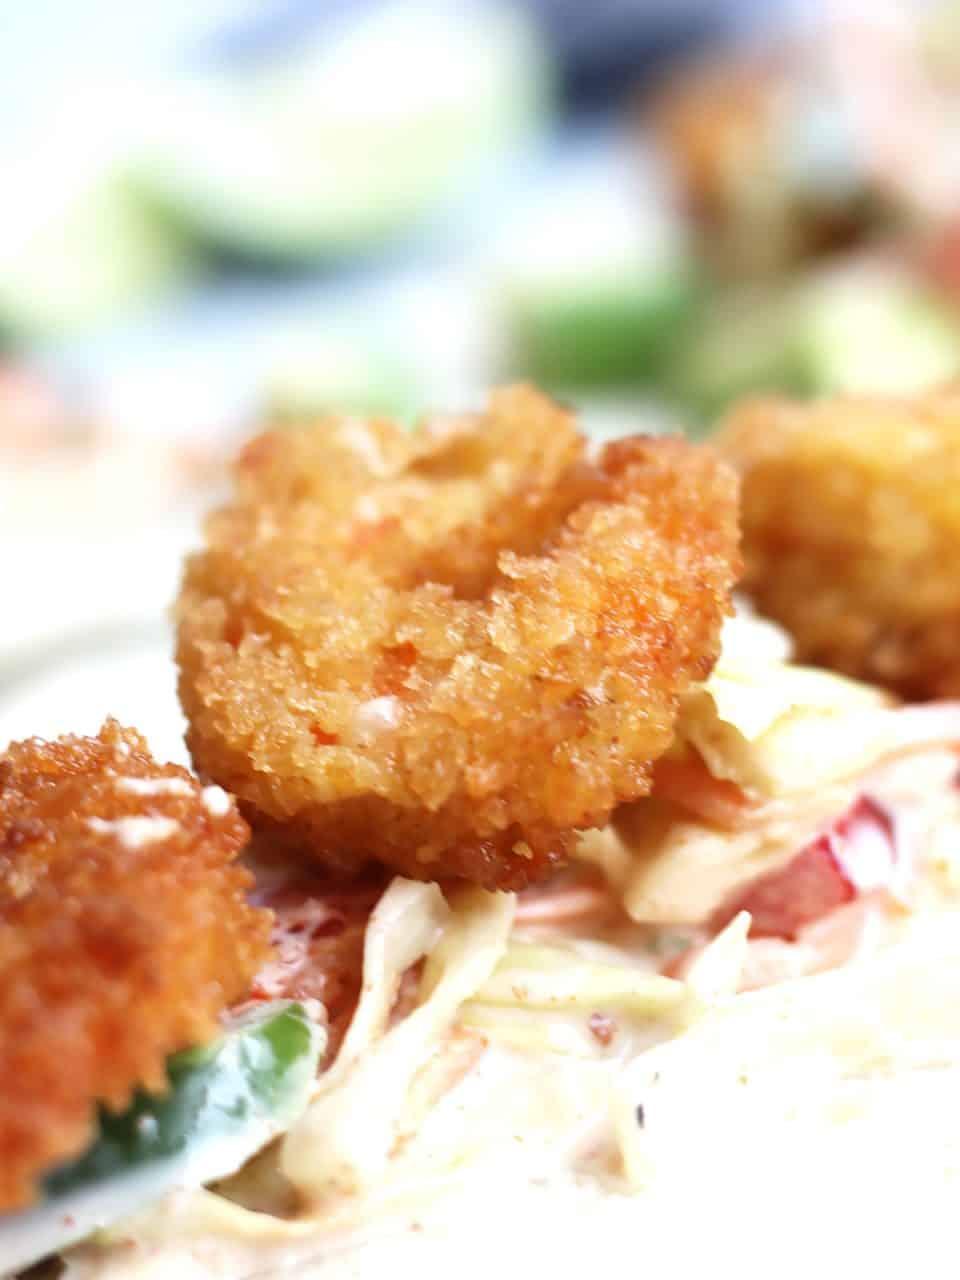 Close up of a crispy fried shrimp.